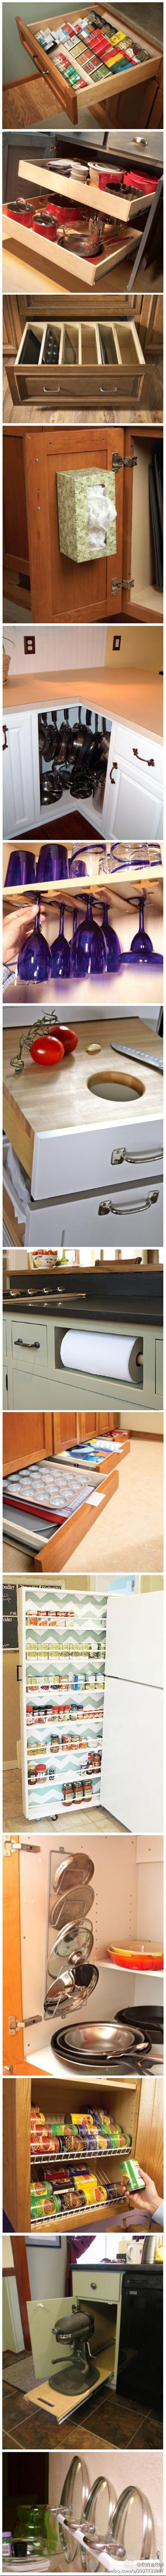 14种厨房物件巧收纳方法